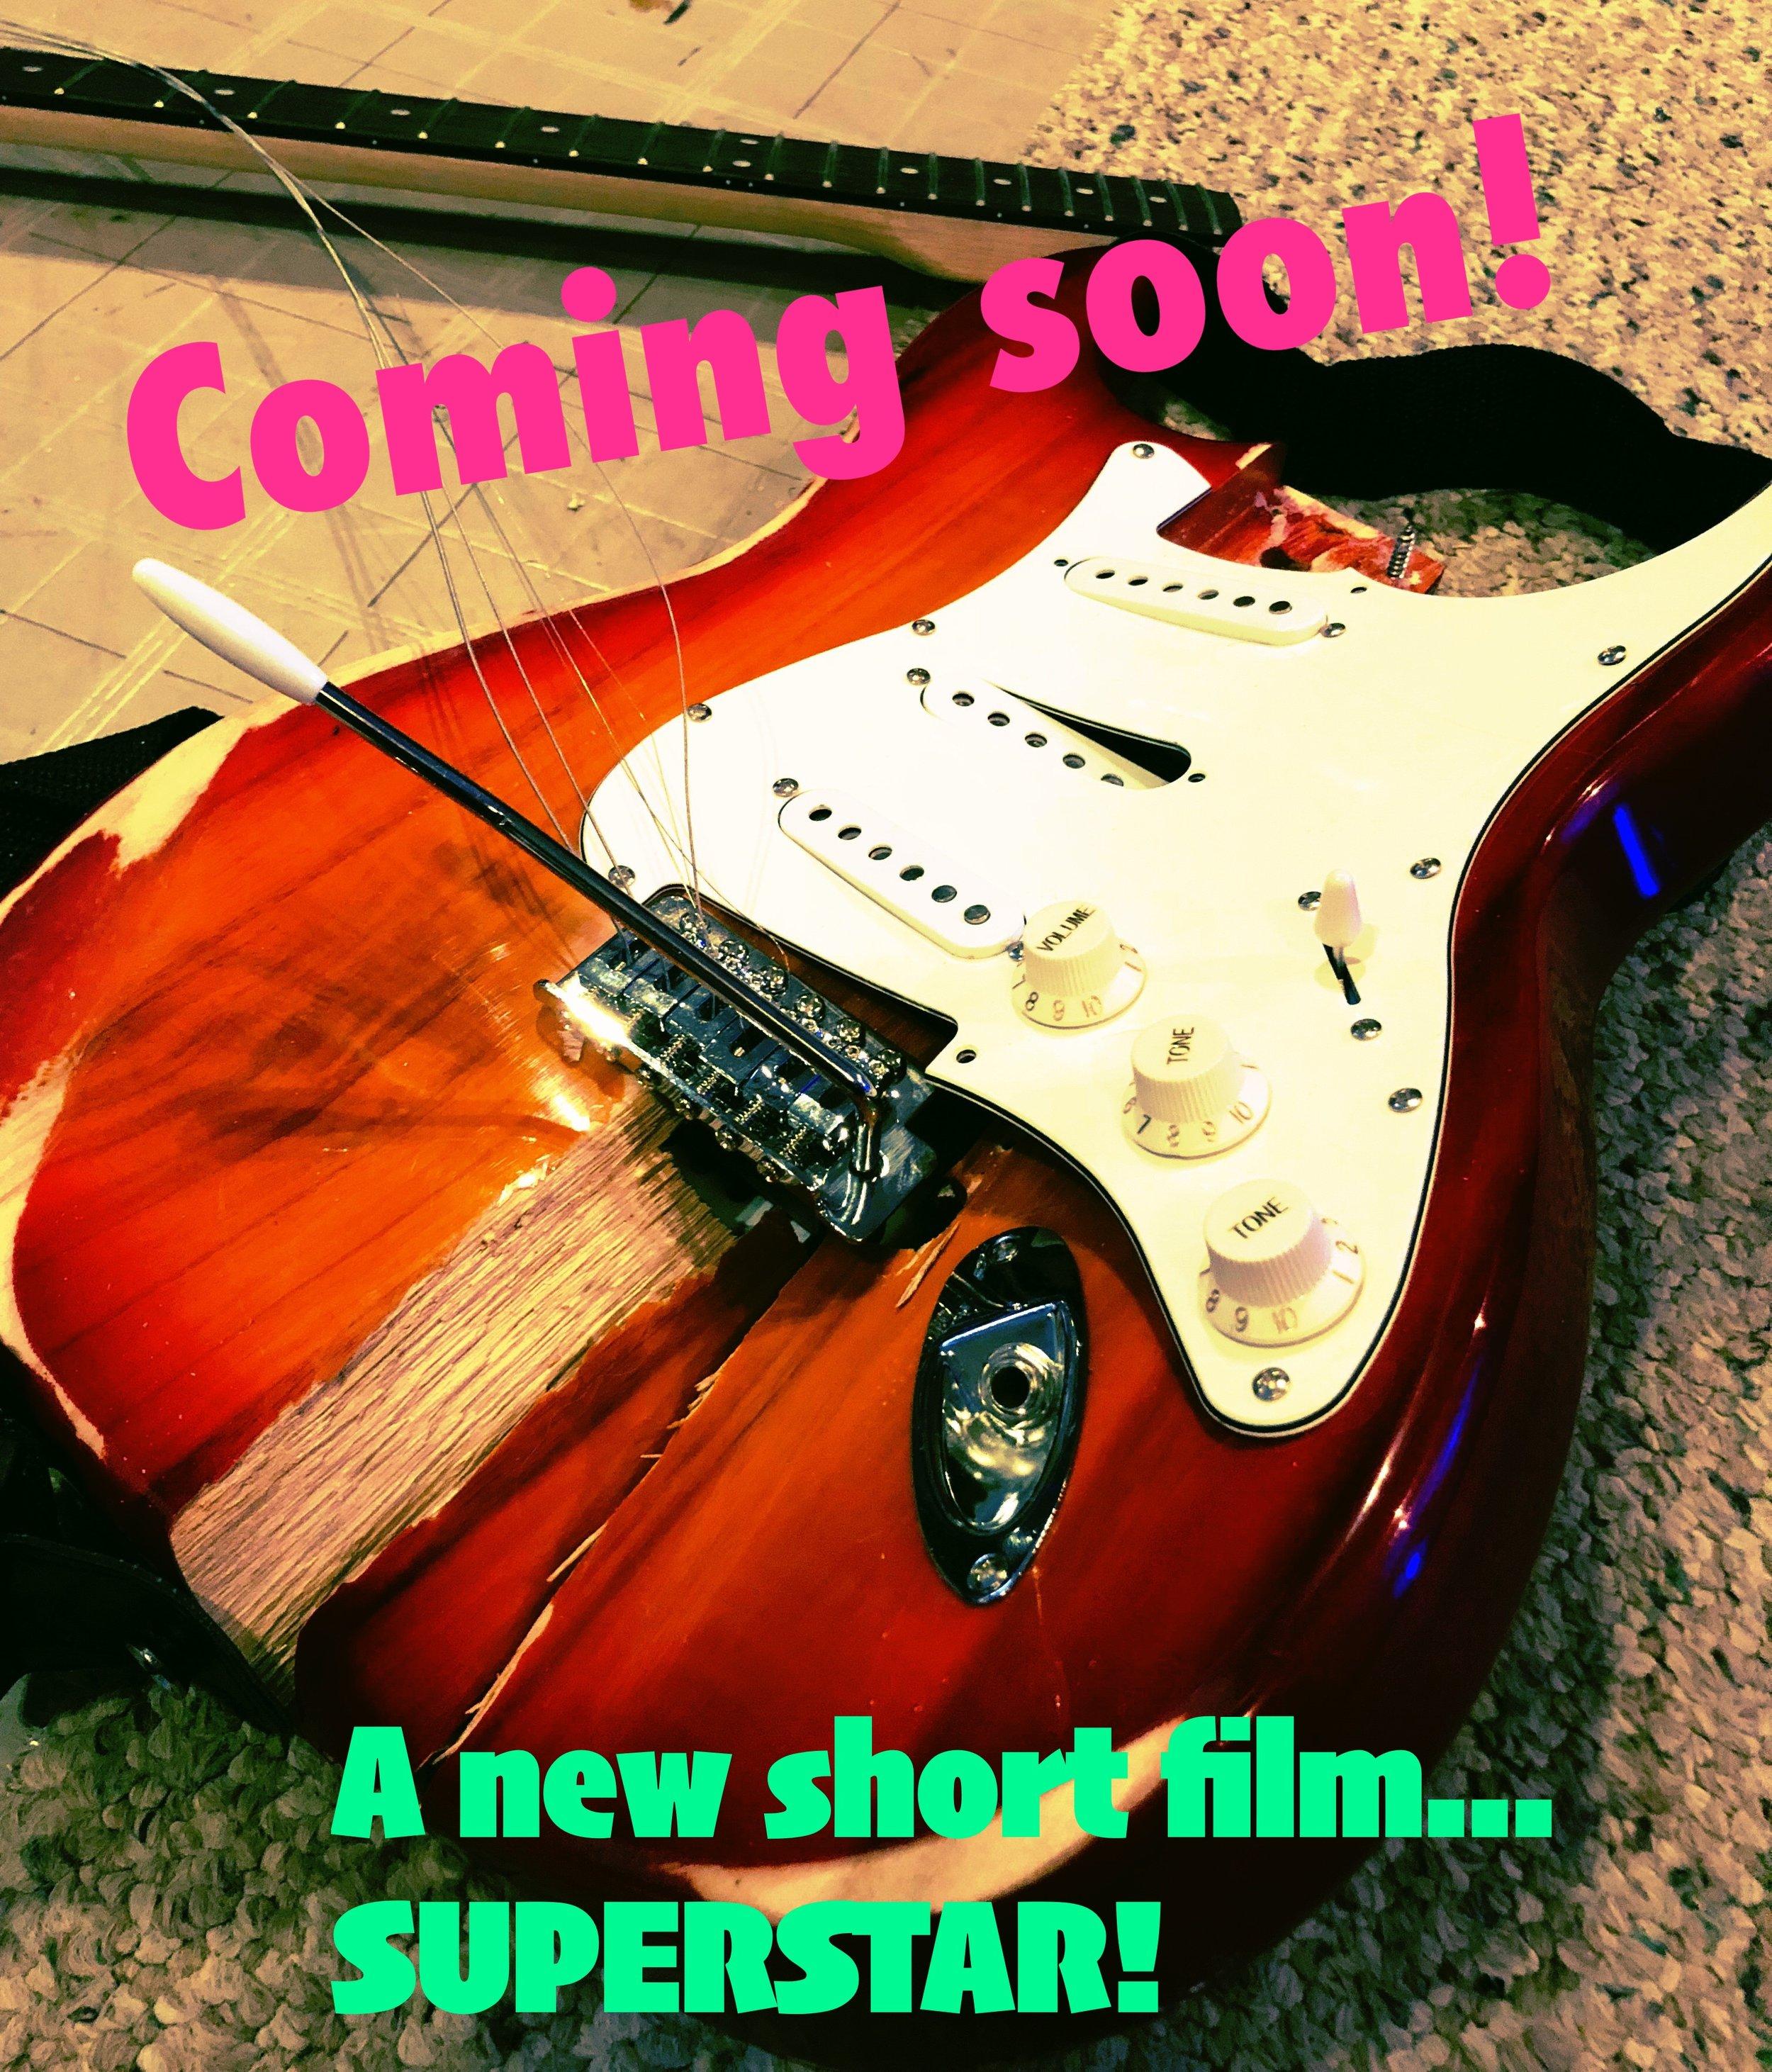 New_Short_Film_Superstar.jpg